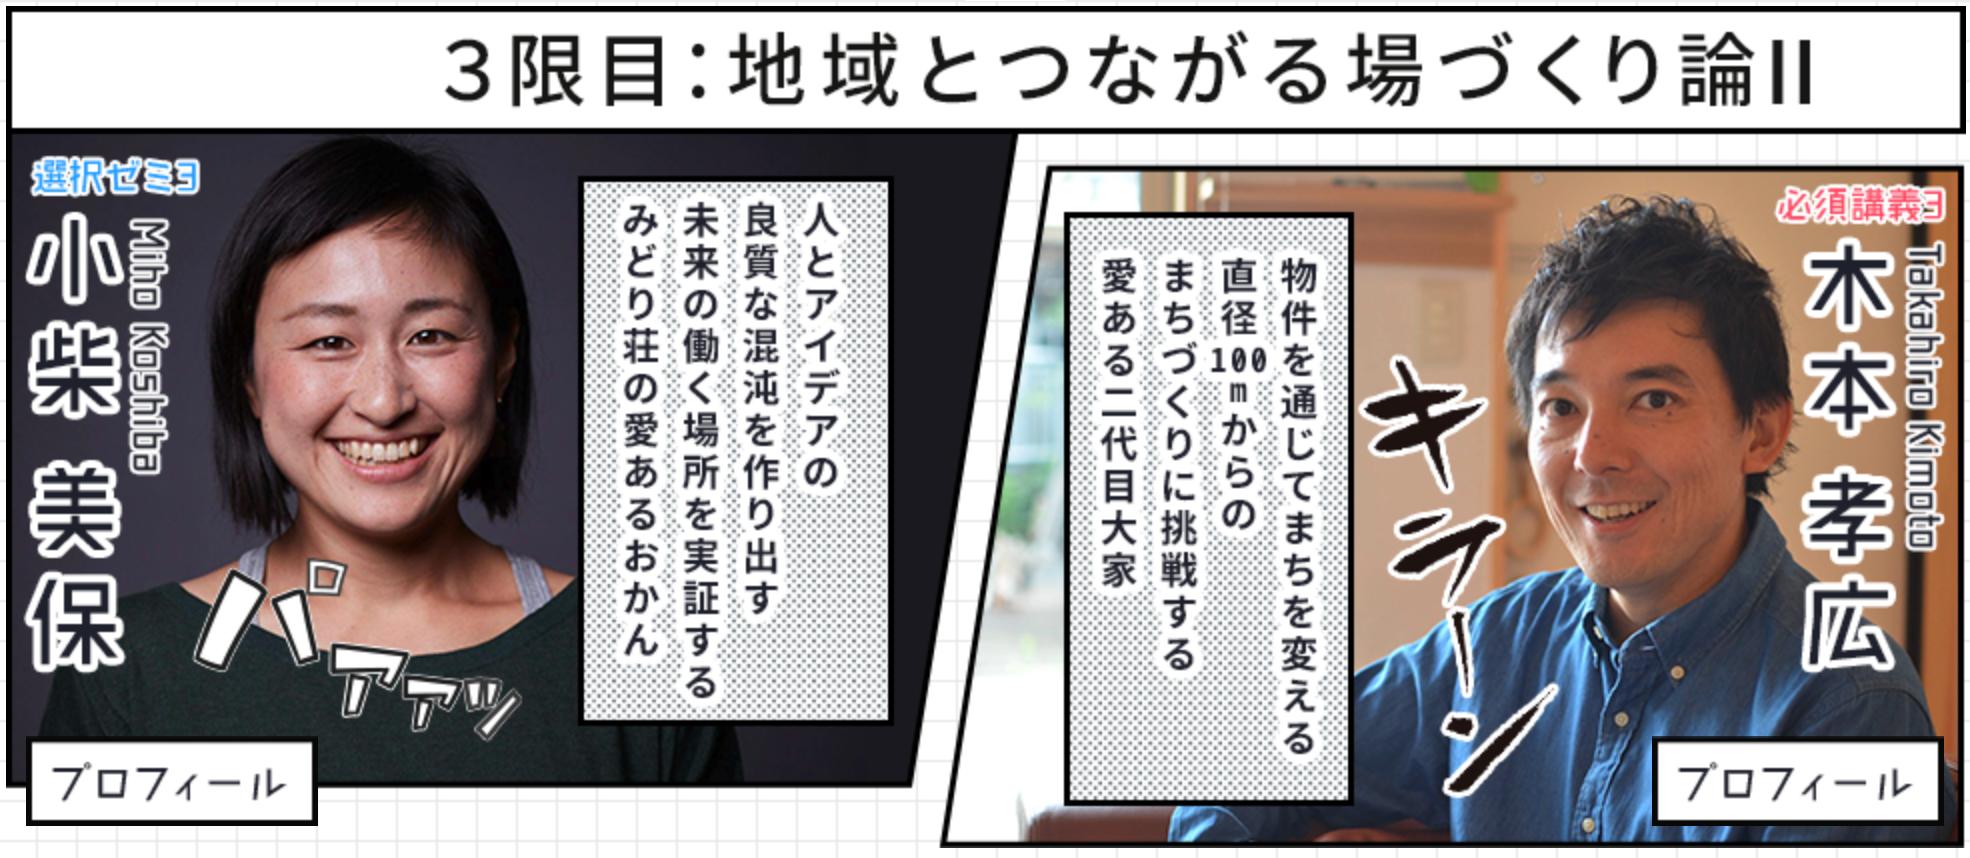 「地域とつながる場づくり論Ⅱ」小柴美保・木本孝広